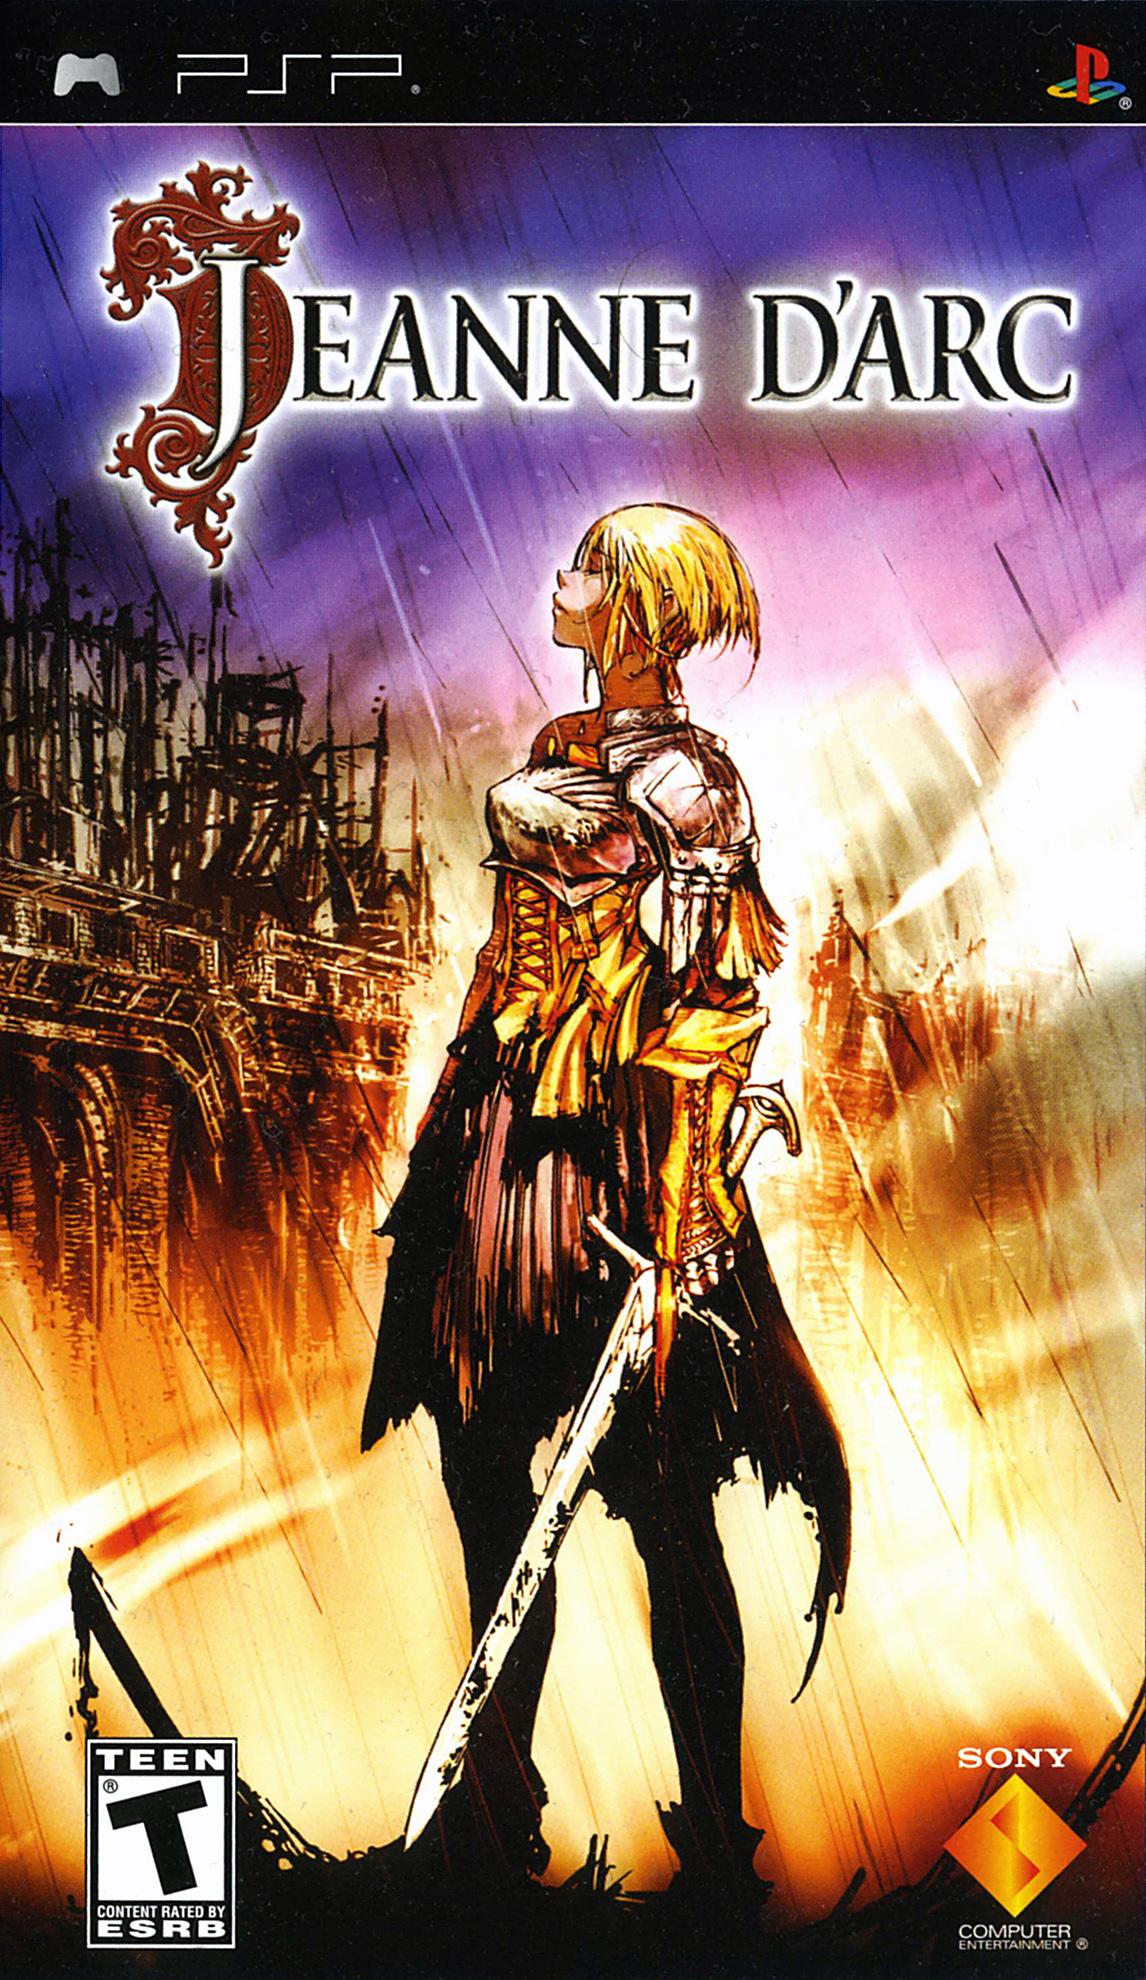 Jeanne d'Arc/PSP